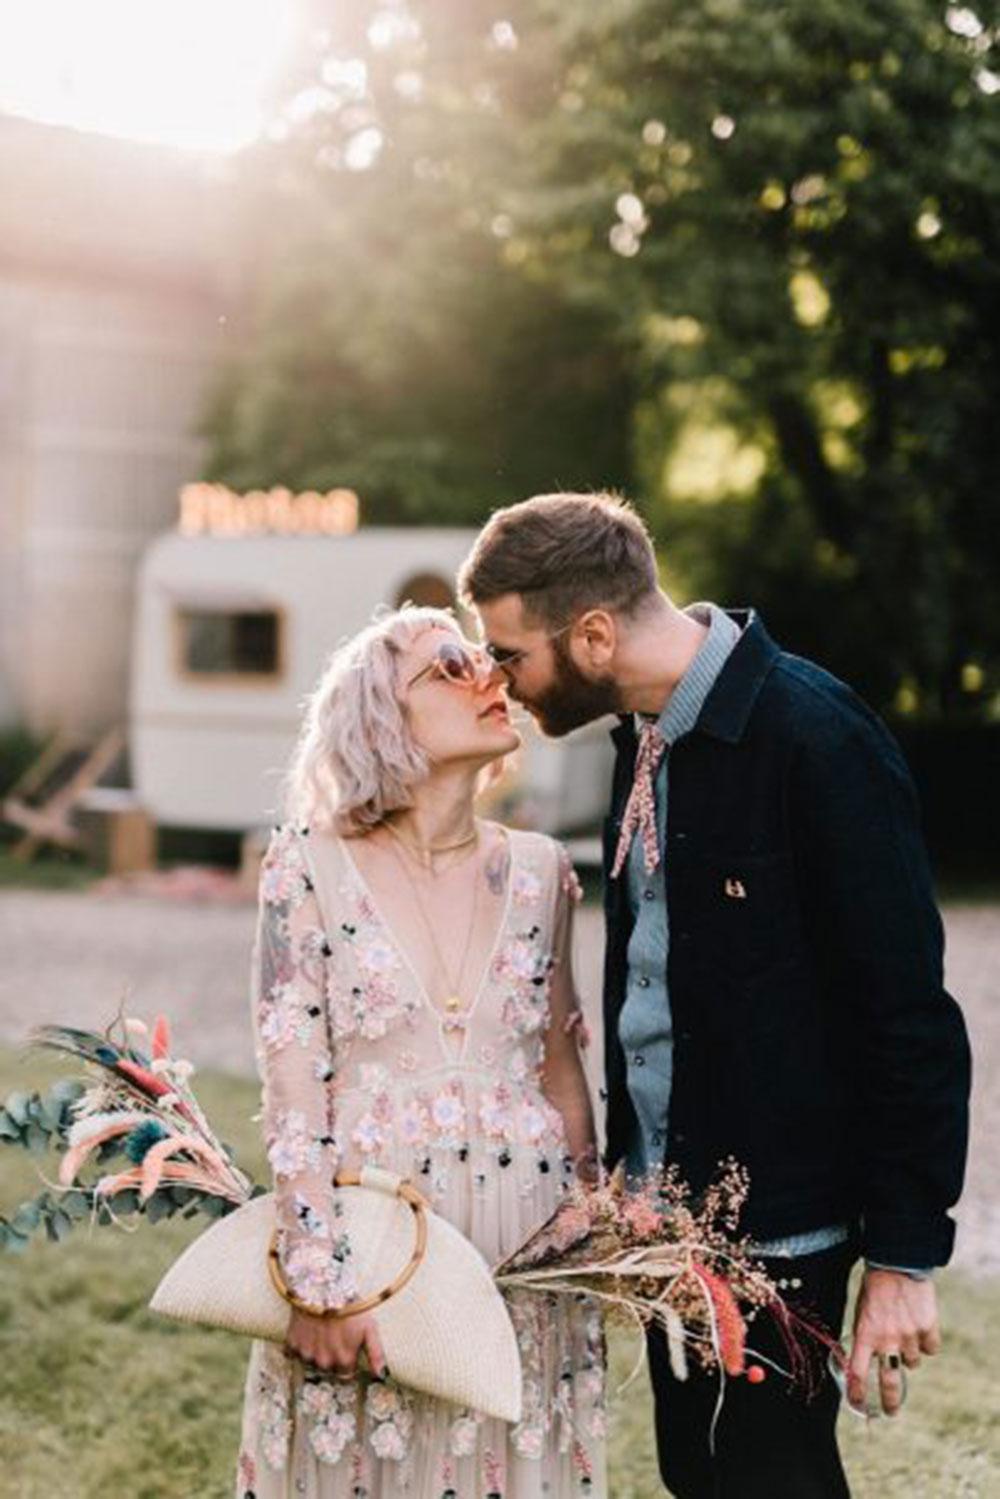 La caravane photobooth lors d'un mariage en dordogne